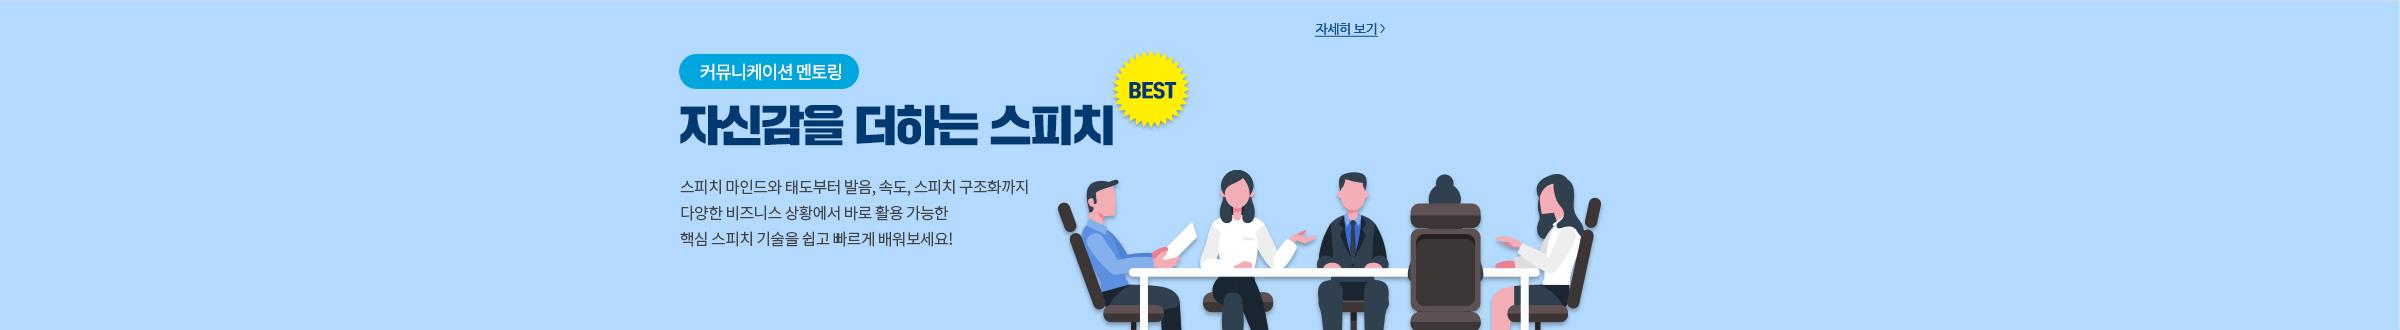 [커뮤니케이션 멘토링] 자신감을 더하는 스피치